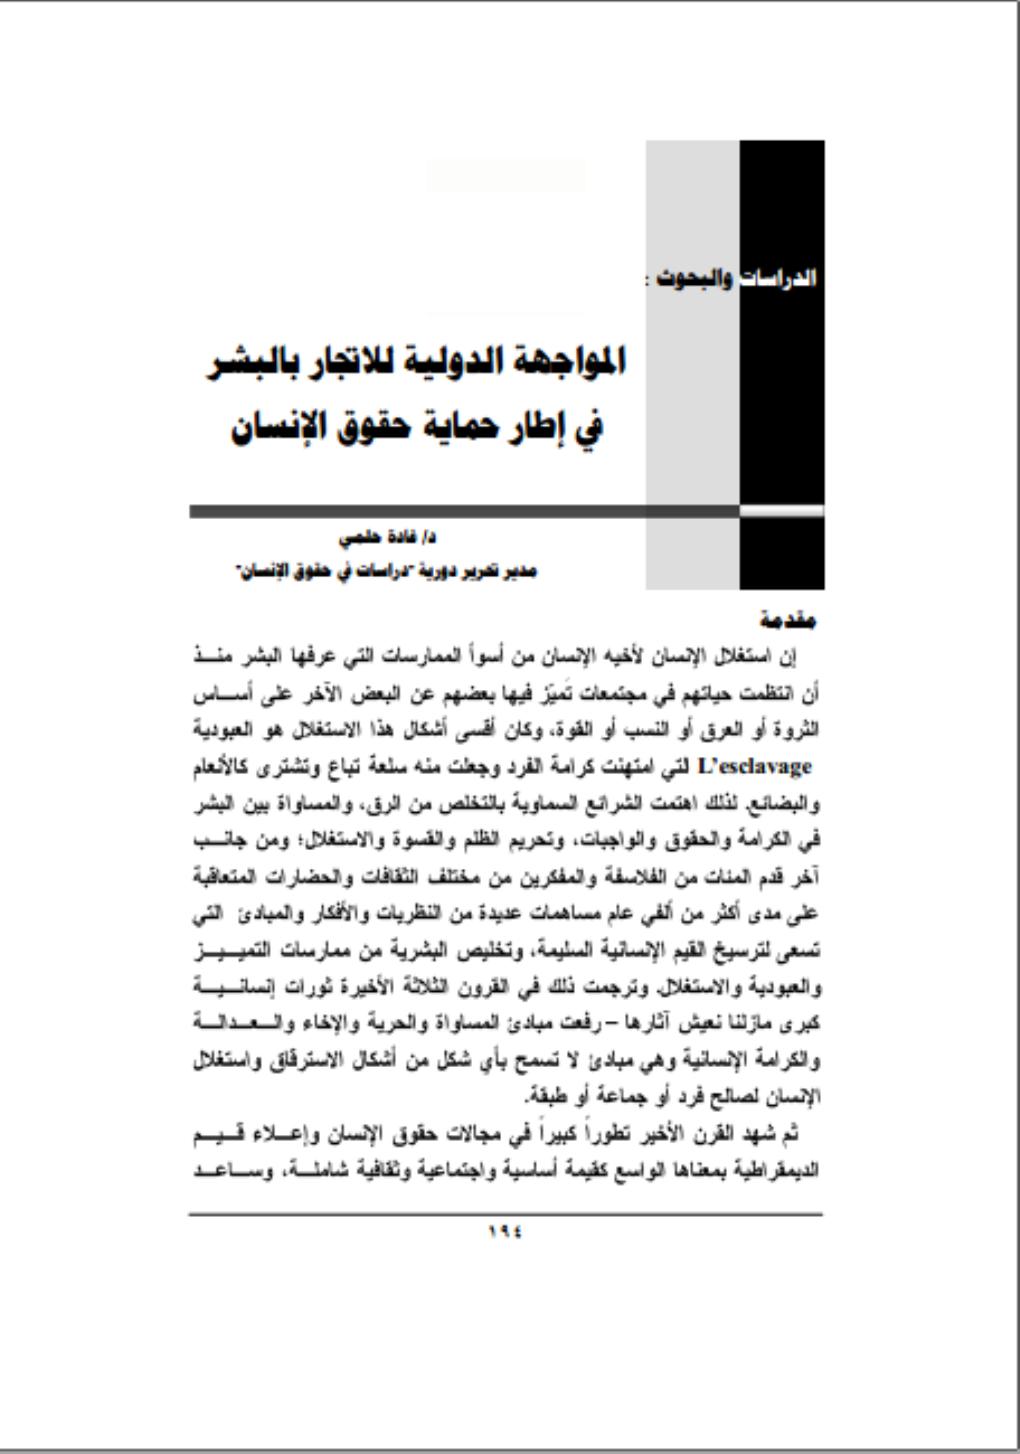 المواجهة الدولية للاتجار بالبشر فى إطار حماية حقوق الإنسان